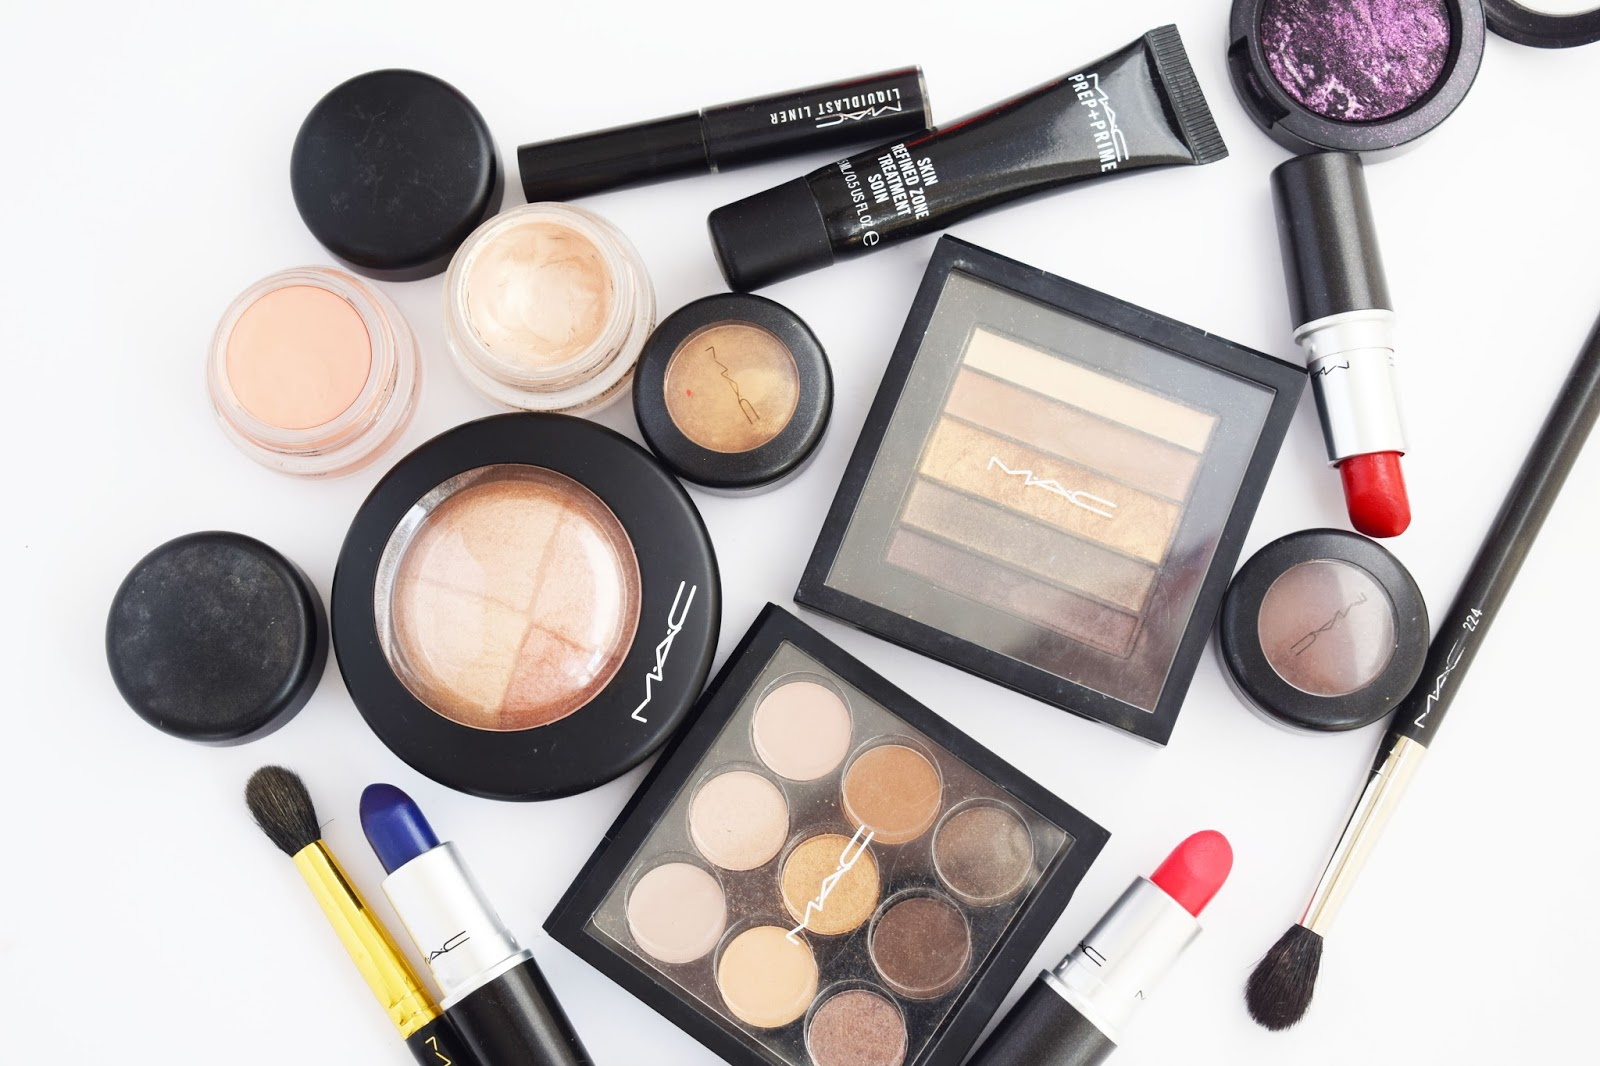 Где купить косметику мак в мурманске купить чемодан с косметикой для визажистов